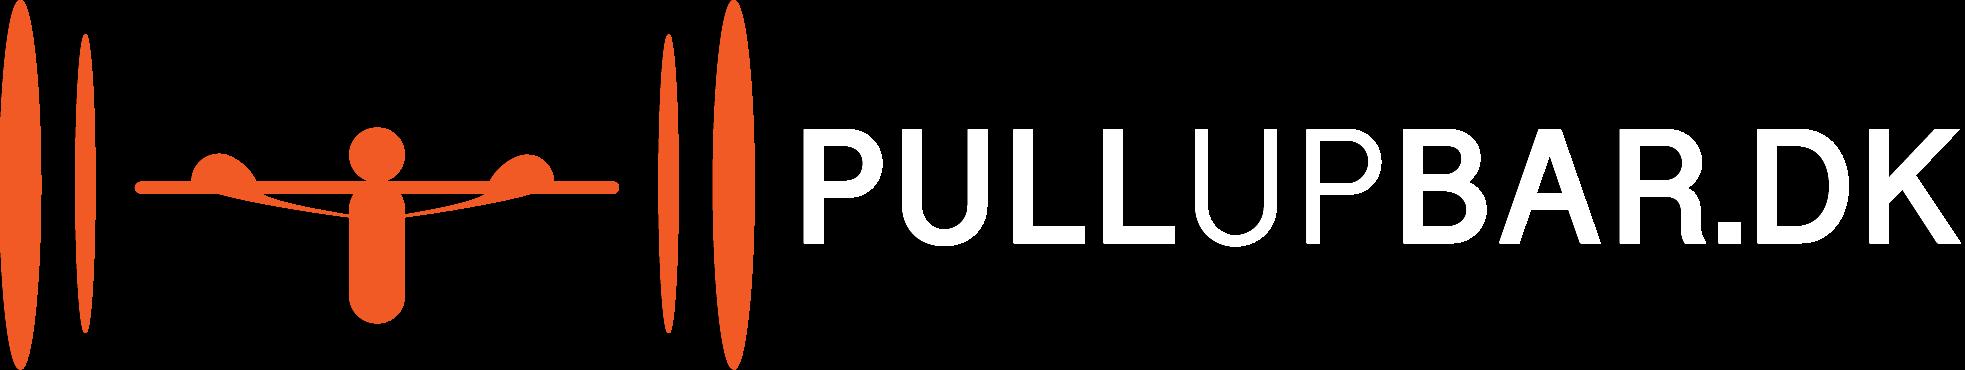 PullUpBar.dk